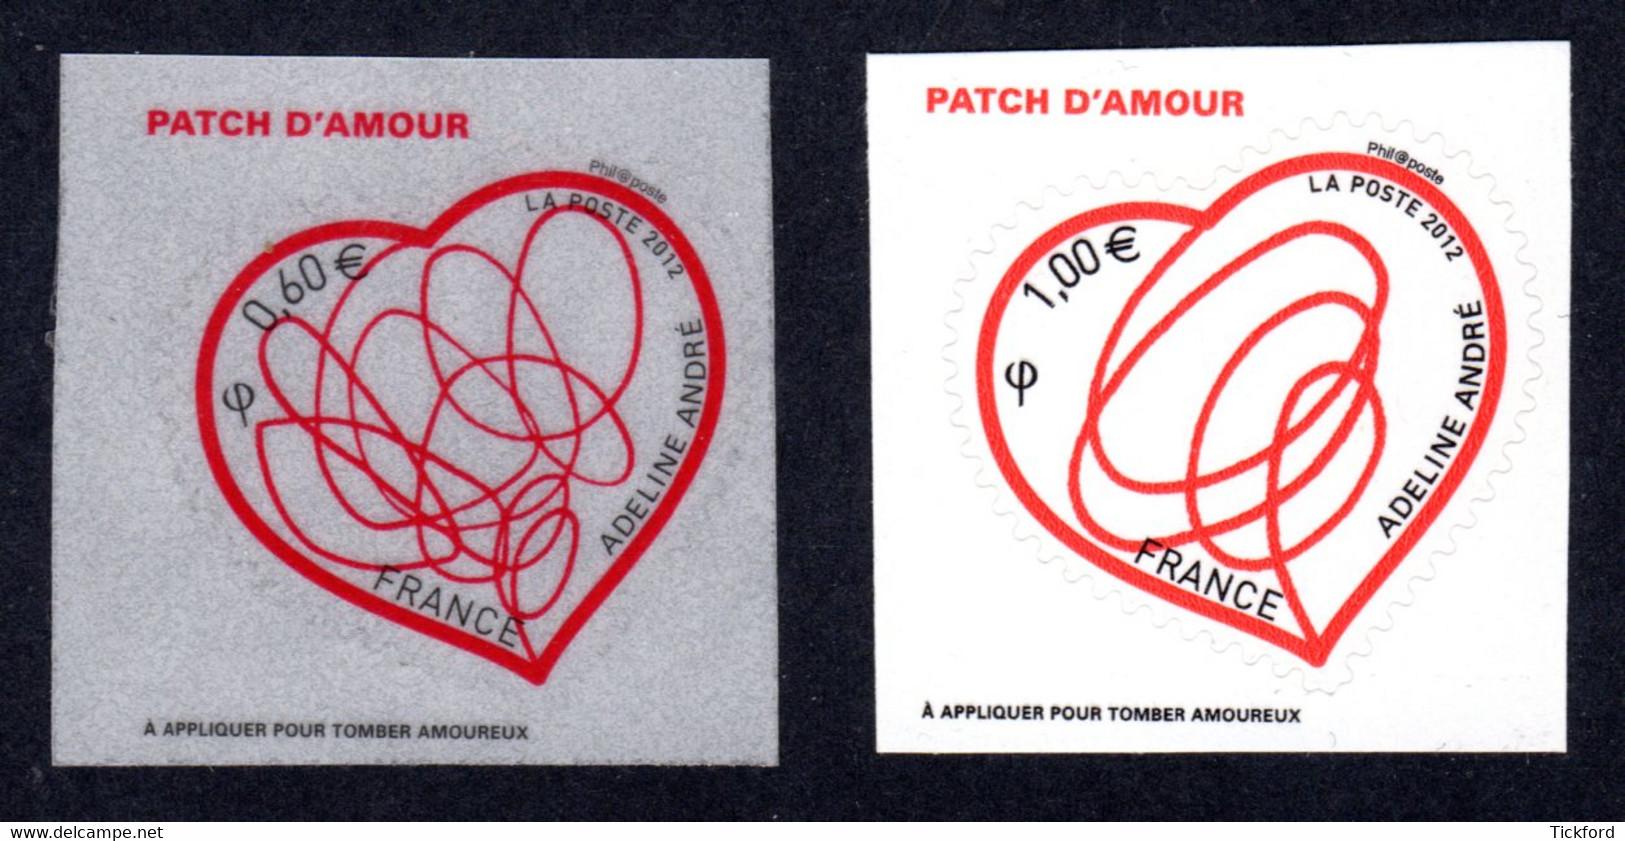 FRANCE 2012 - Autoadhésifs Yvert N° 648/649 NEUFS, Saint-Valentin, Patch D'amour D'Adeline André, 2 Valeurs - Luchtpost